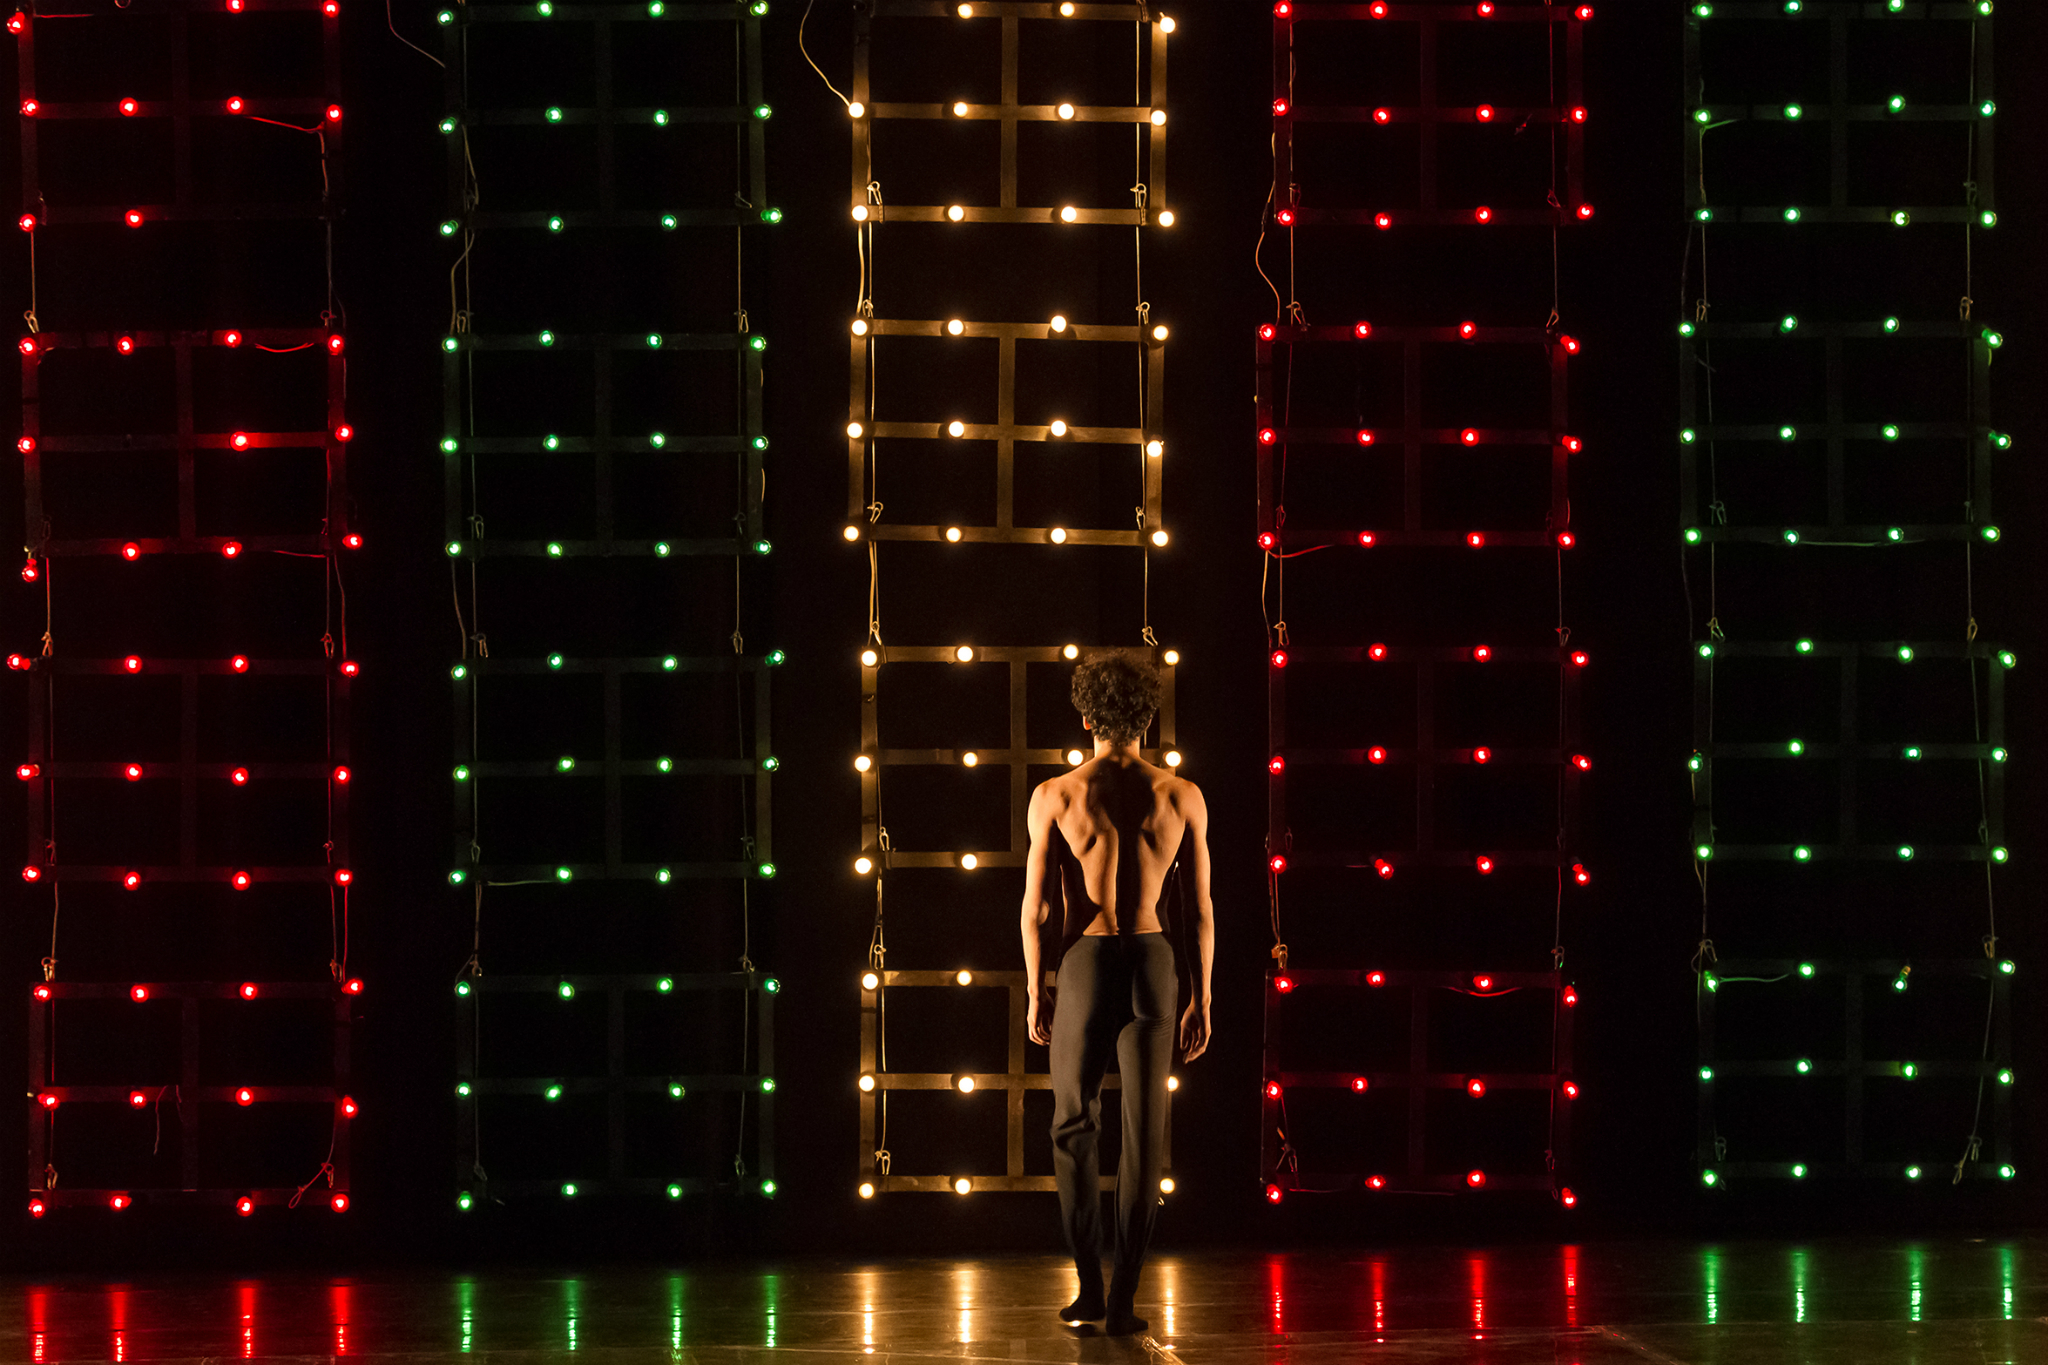 Temporada de Danza en el Palacio de Bellas Artes